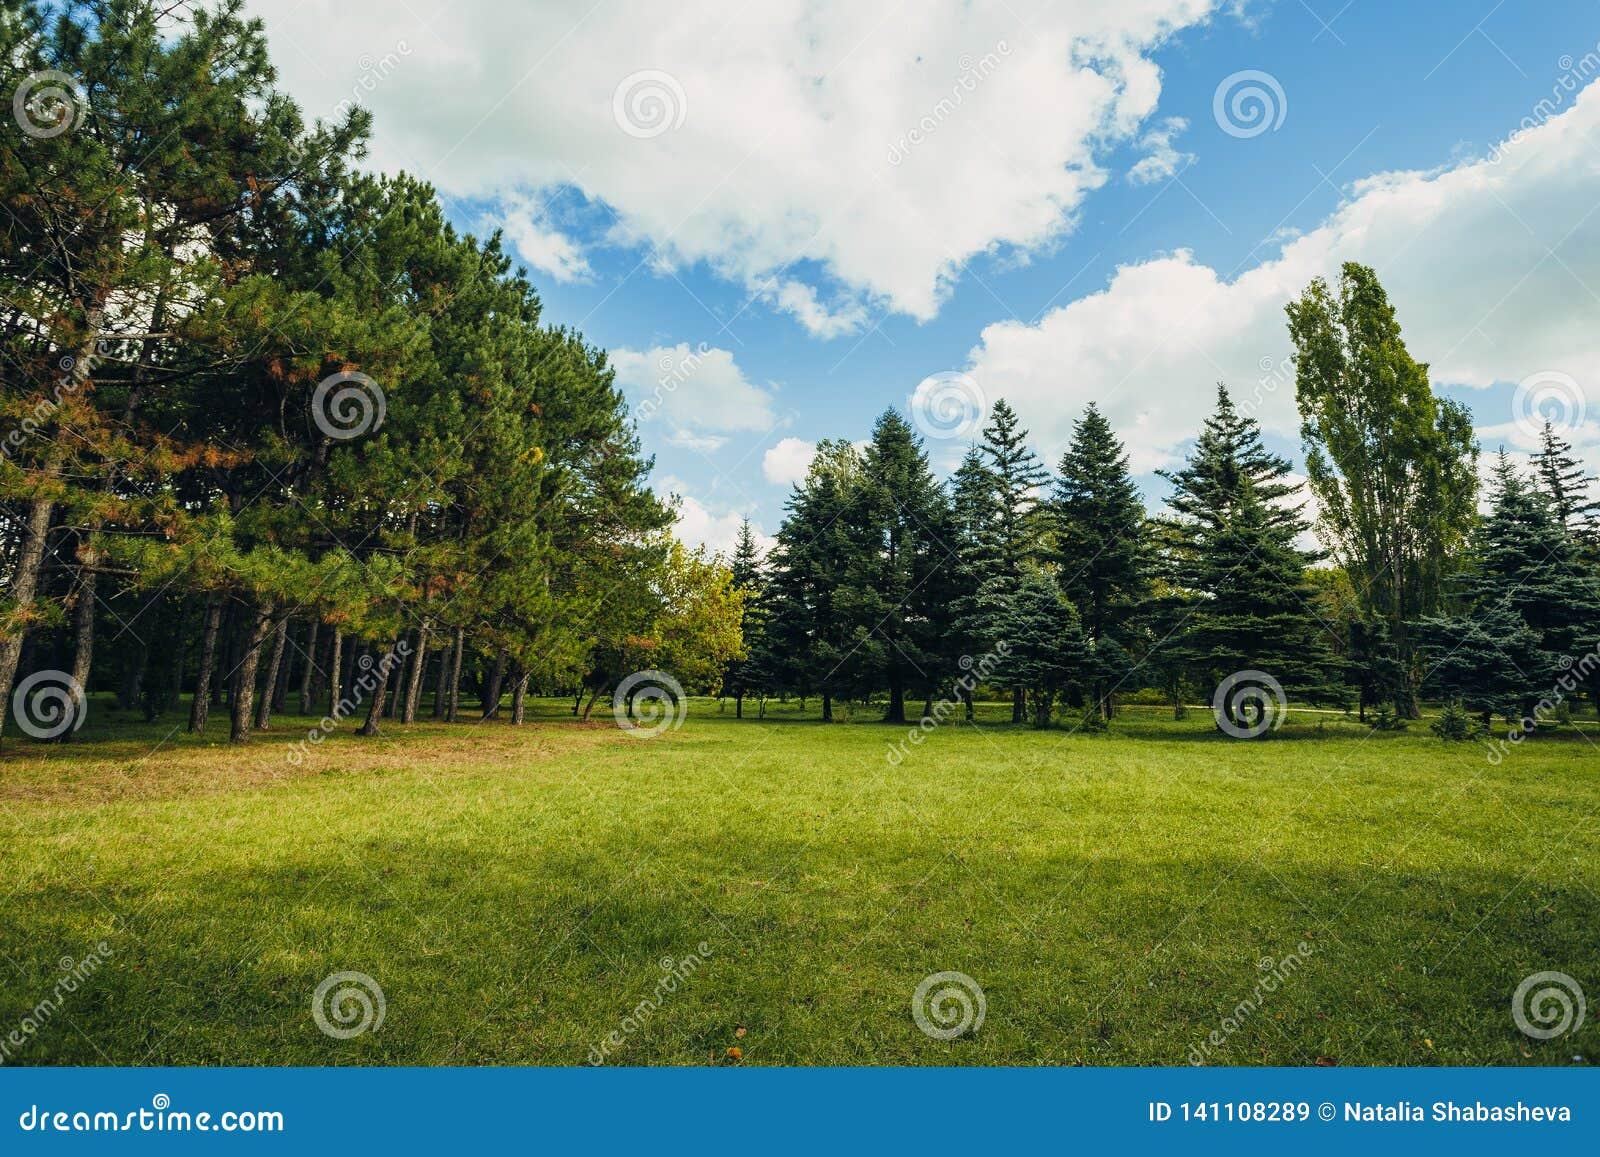 Bella scena del parco in parco pubblico con il campo di erba verde, la pianta verde dell albero e un cielo blu nuvoloso